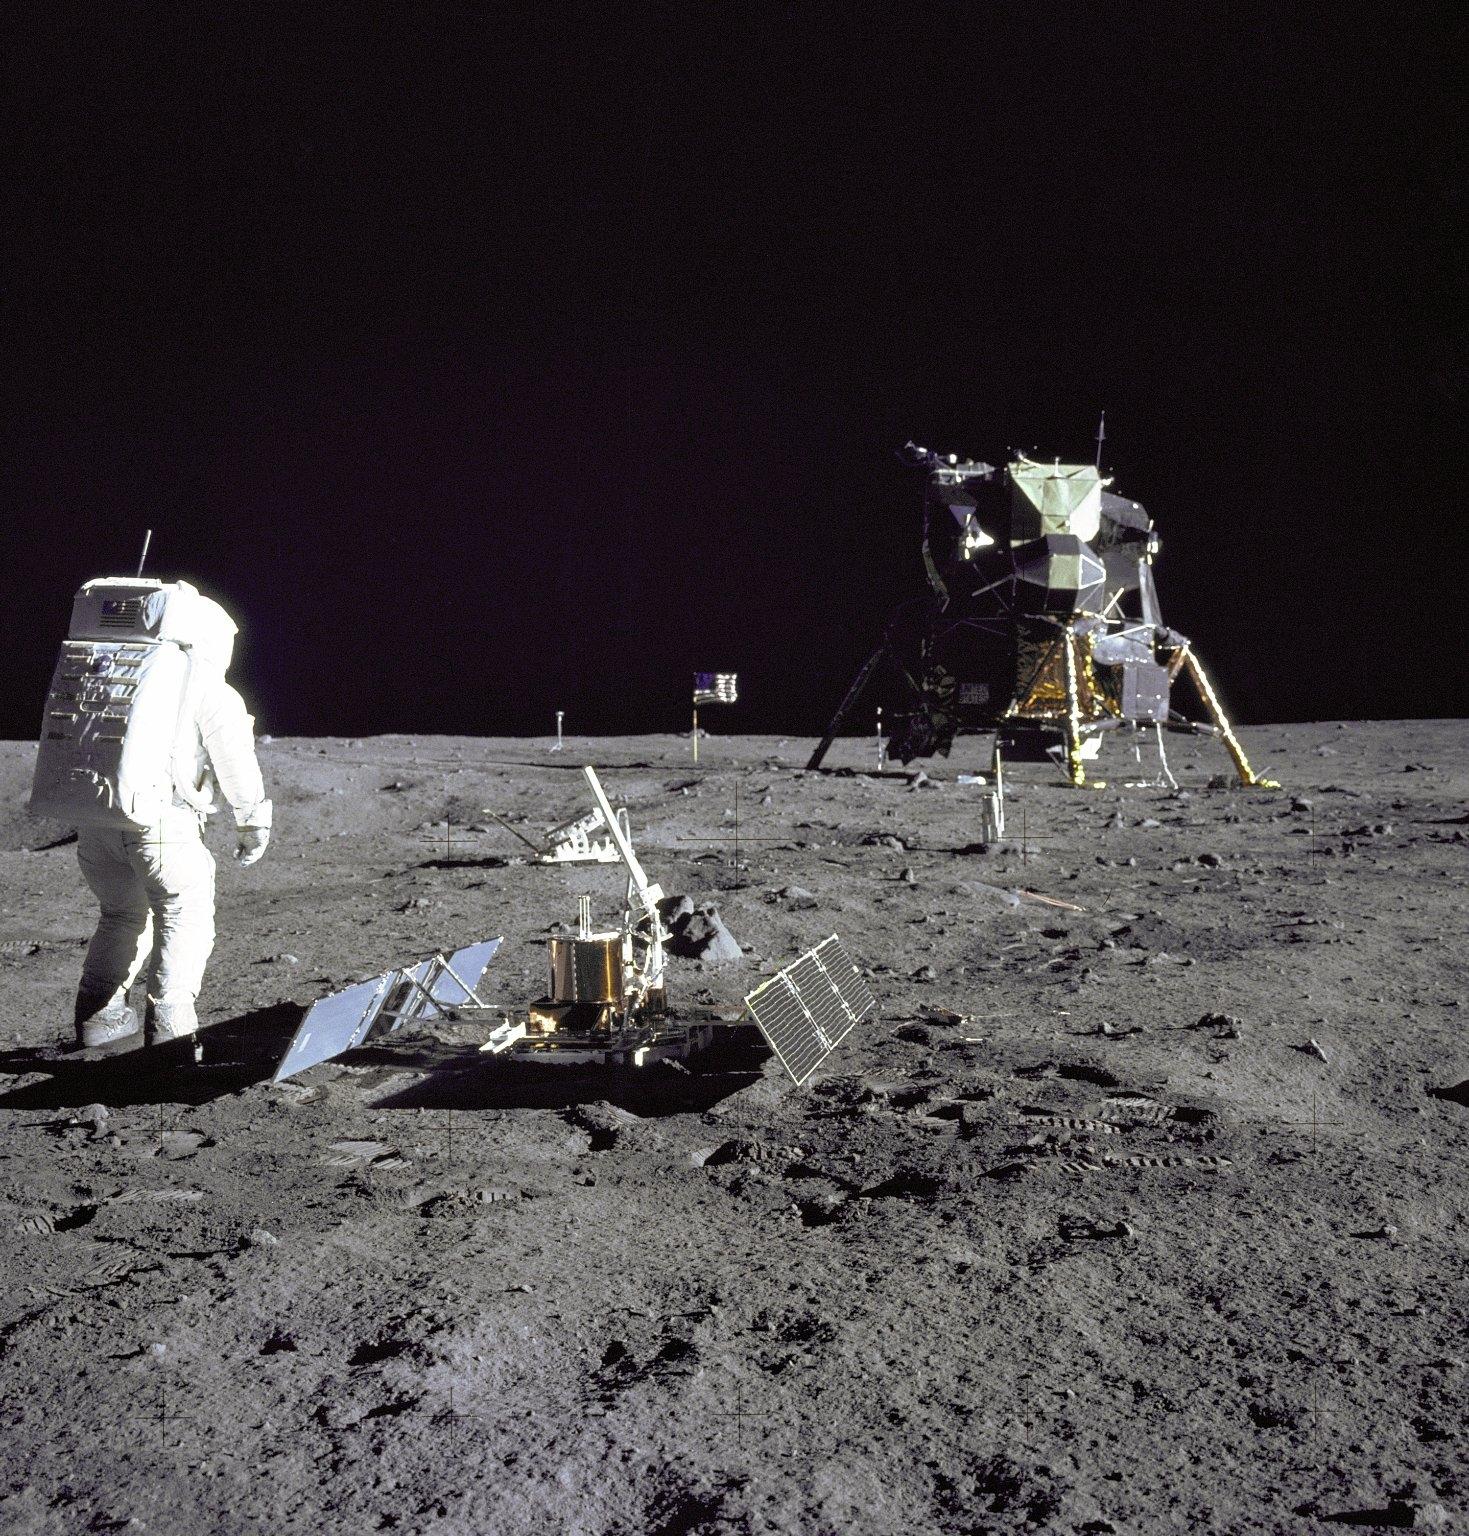 American moon appolon mission, скачать фото, обои на рабочем столе, американцы на луне